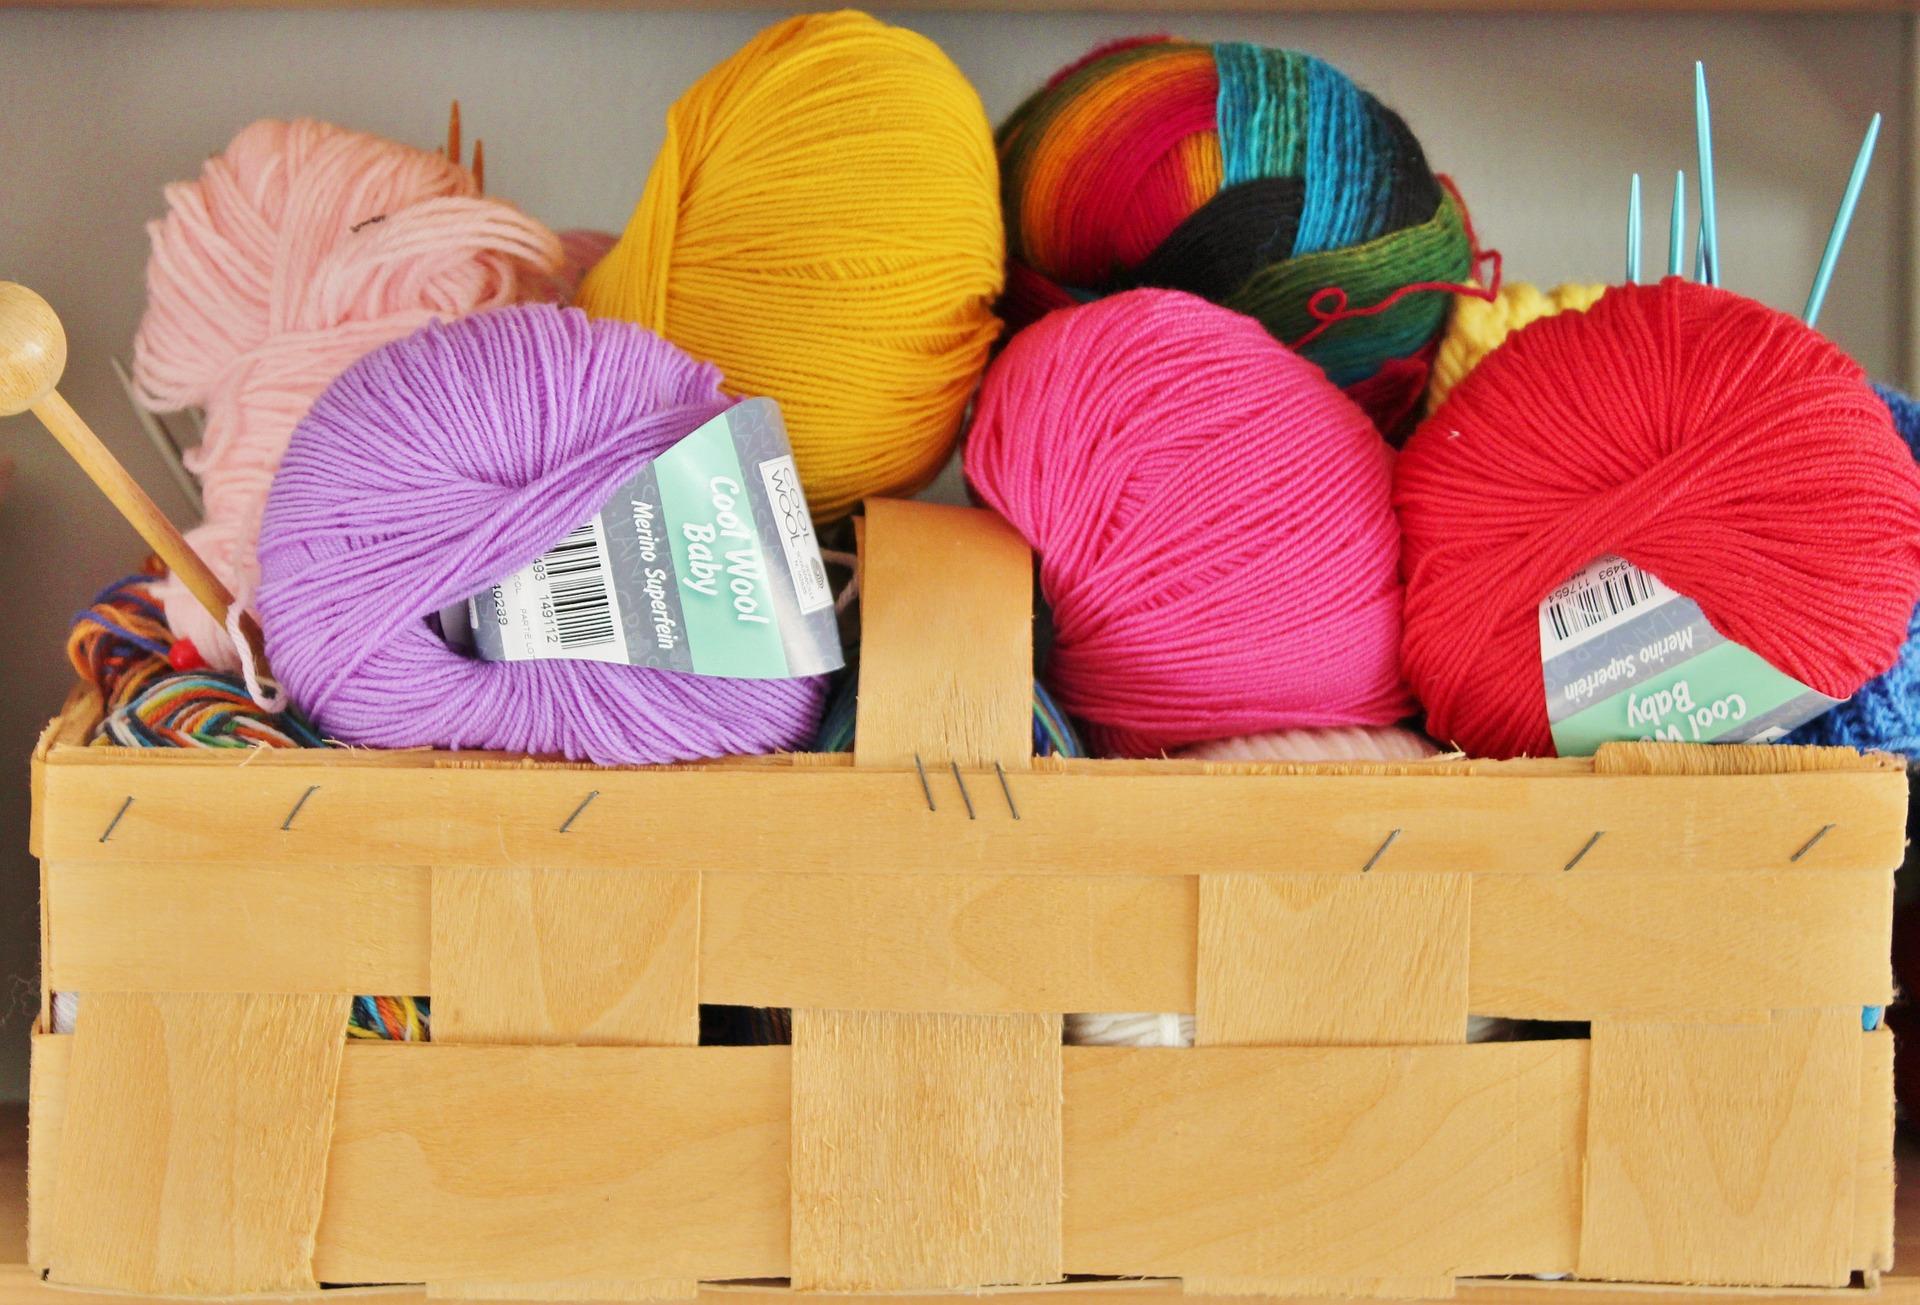 bolletjes wol in verschillende kleuren in mand met breinaalden